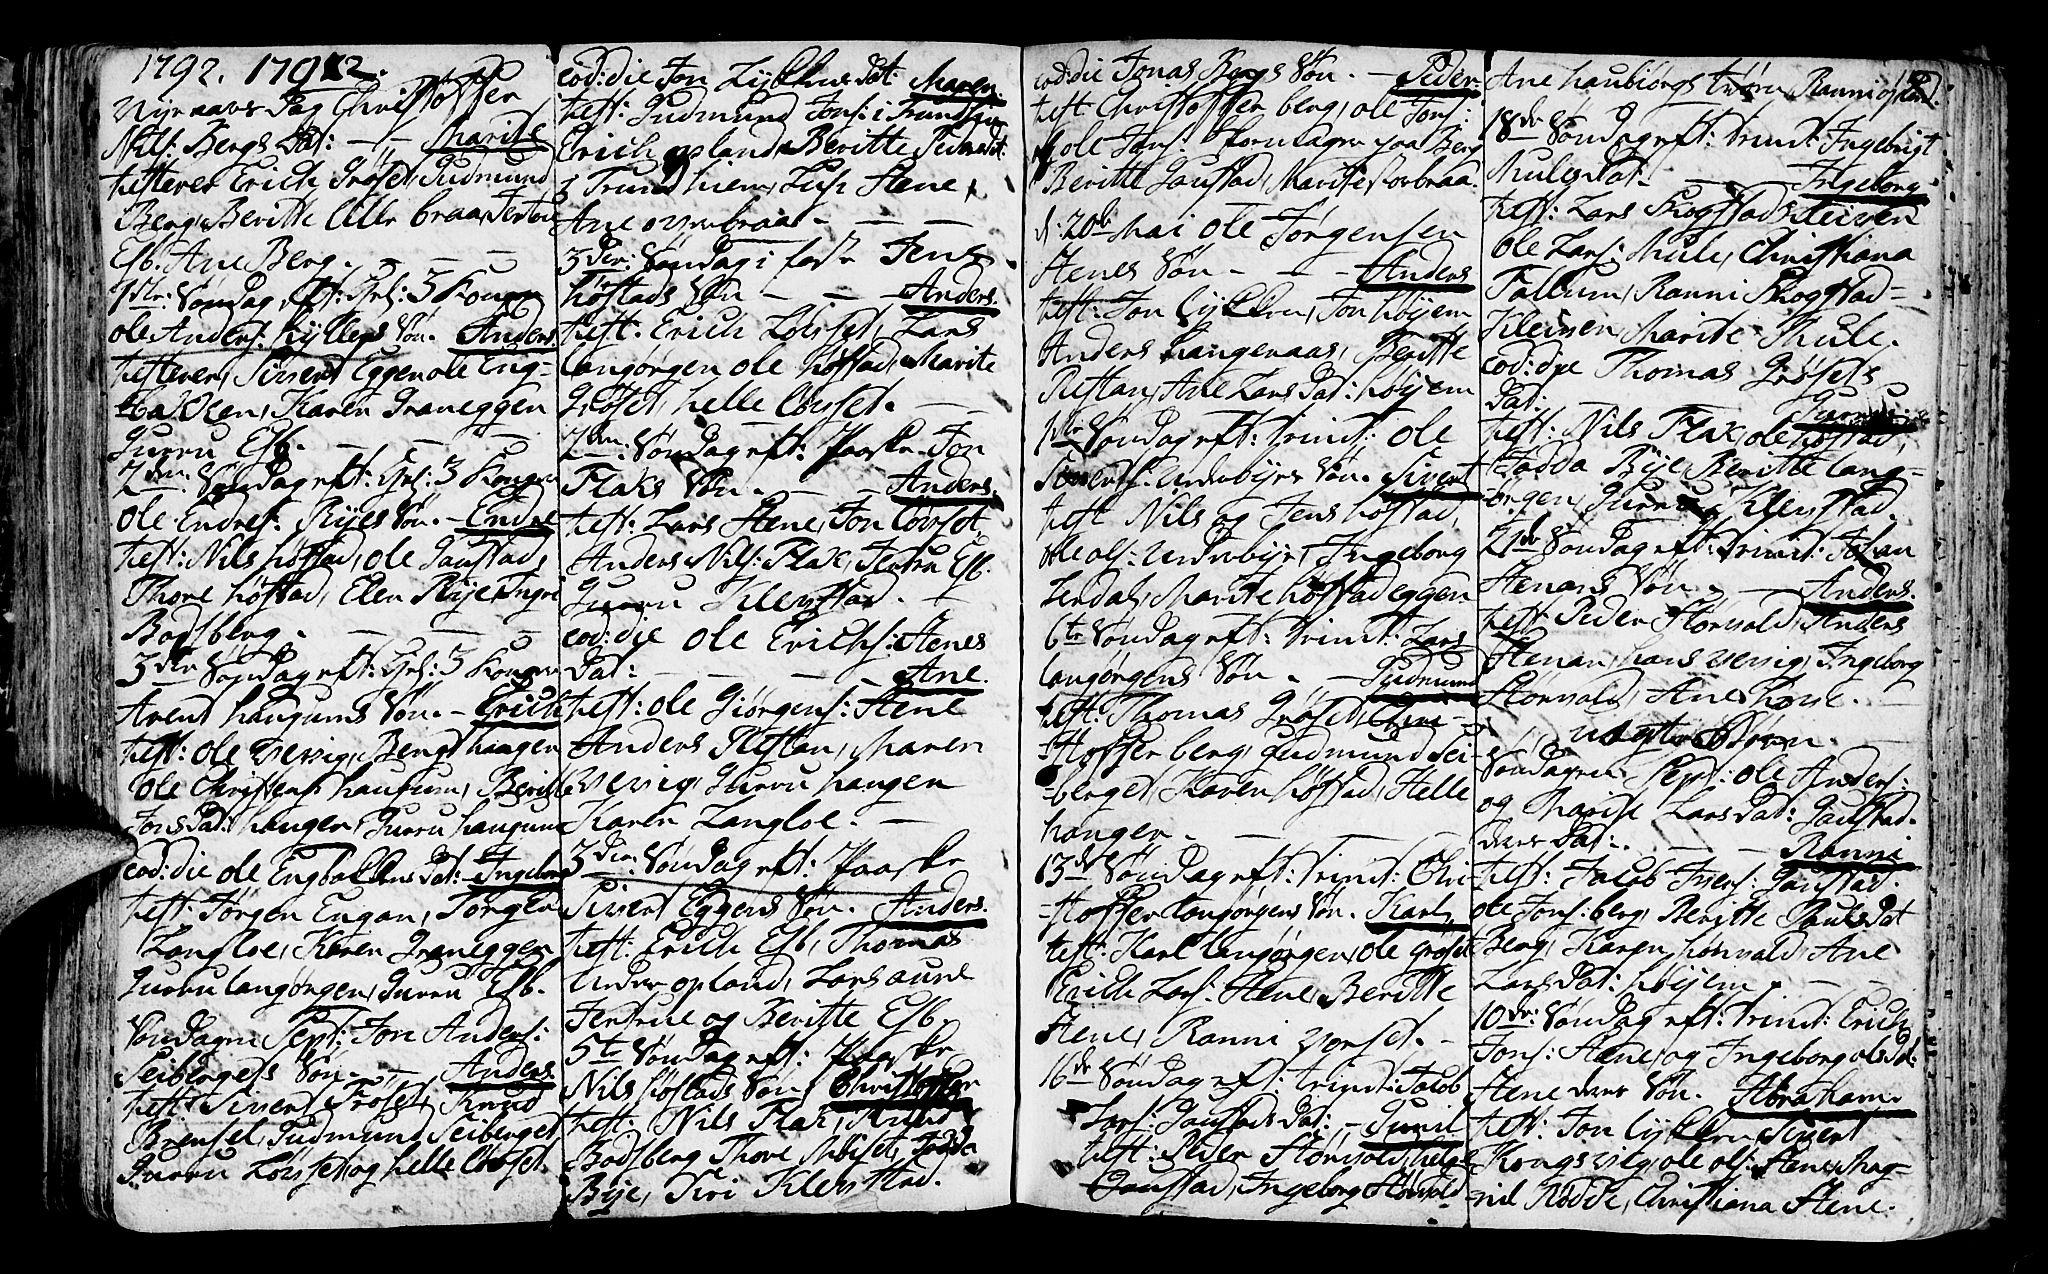 SAT, Ministerialprotokoller, klokkerbøker og fødselsregistre - Sør-Trøndelag, 612/L0370: Ministerialbok nr. 612A04, 1754-1802, s. 117